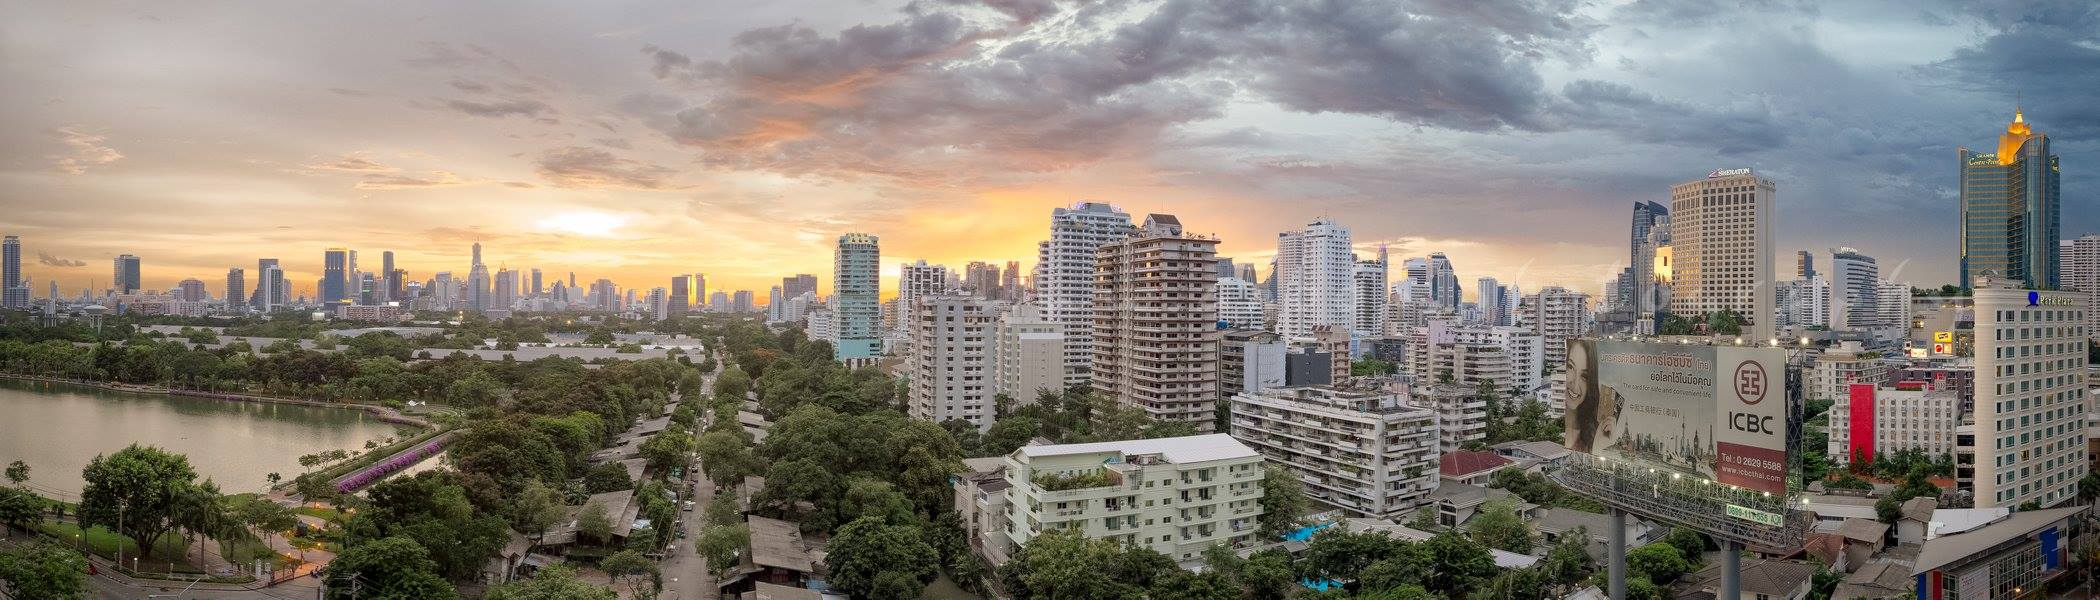 landscape sunset photo of the skyline bangkok thailand